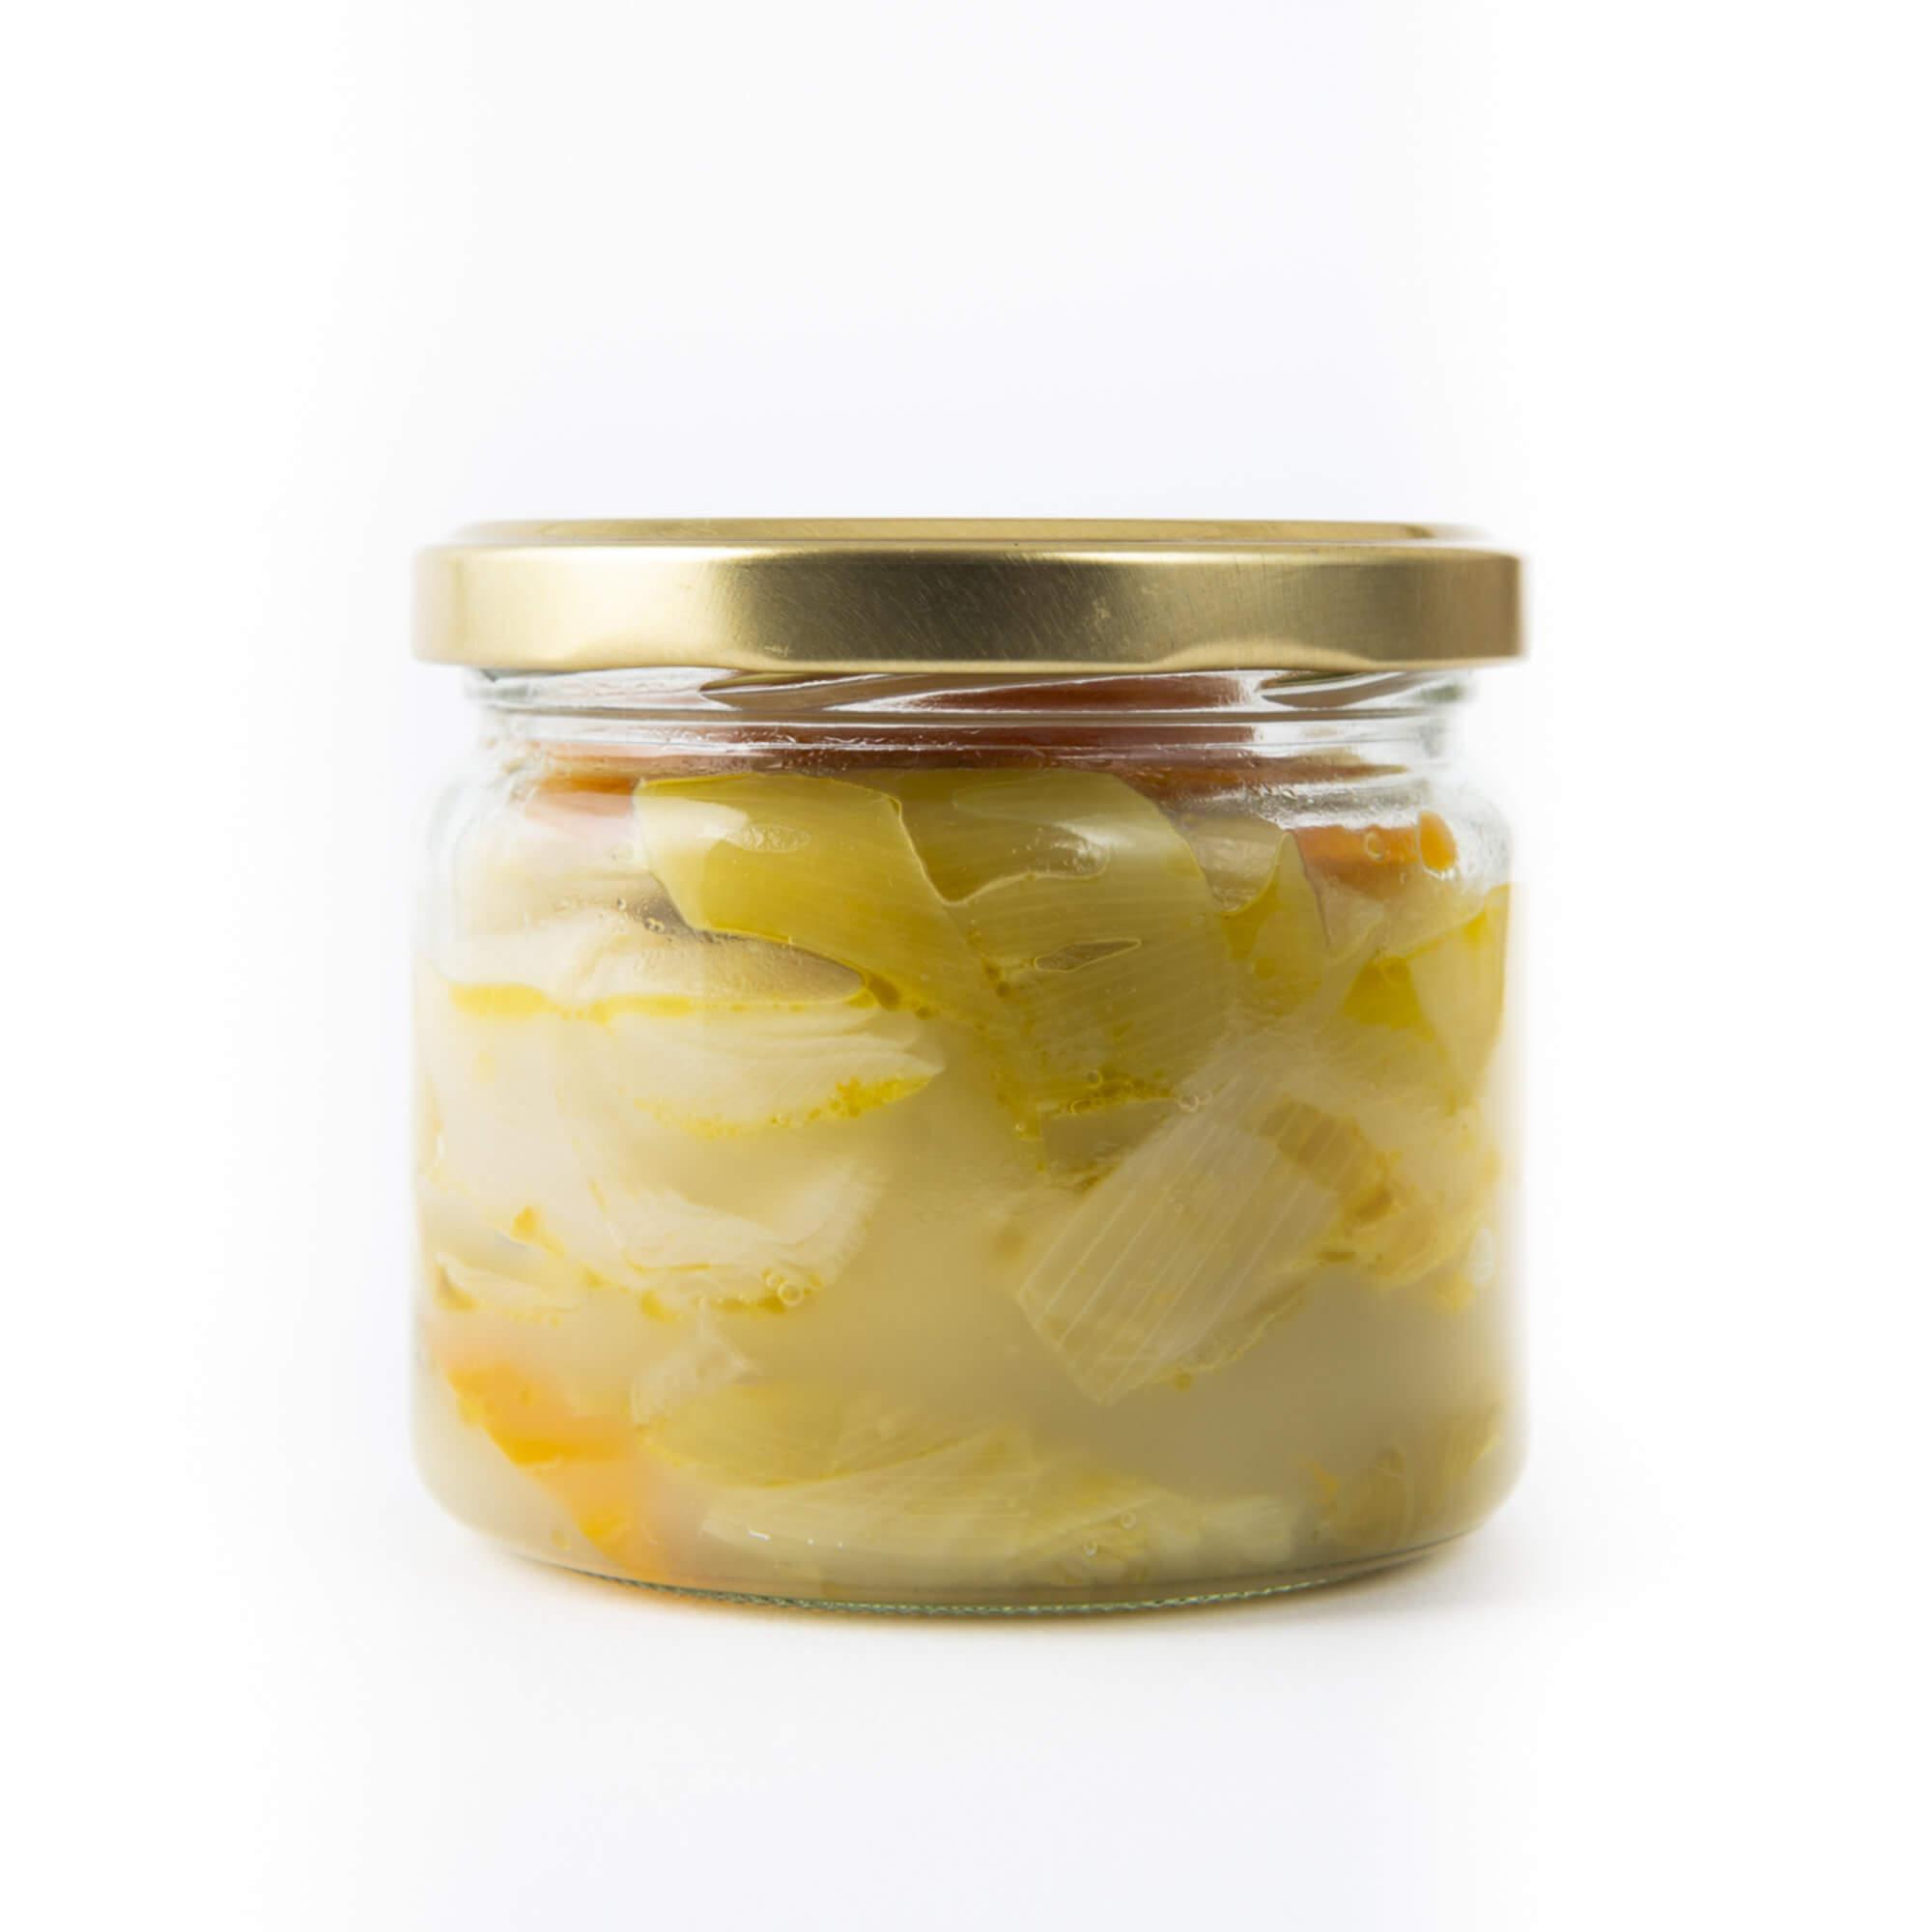 Lauchgemüse in Olivenöl und Orange im Glas geschlossen von hinten